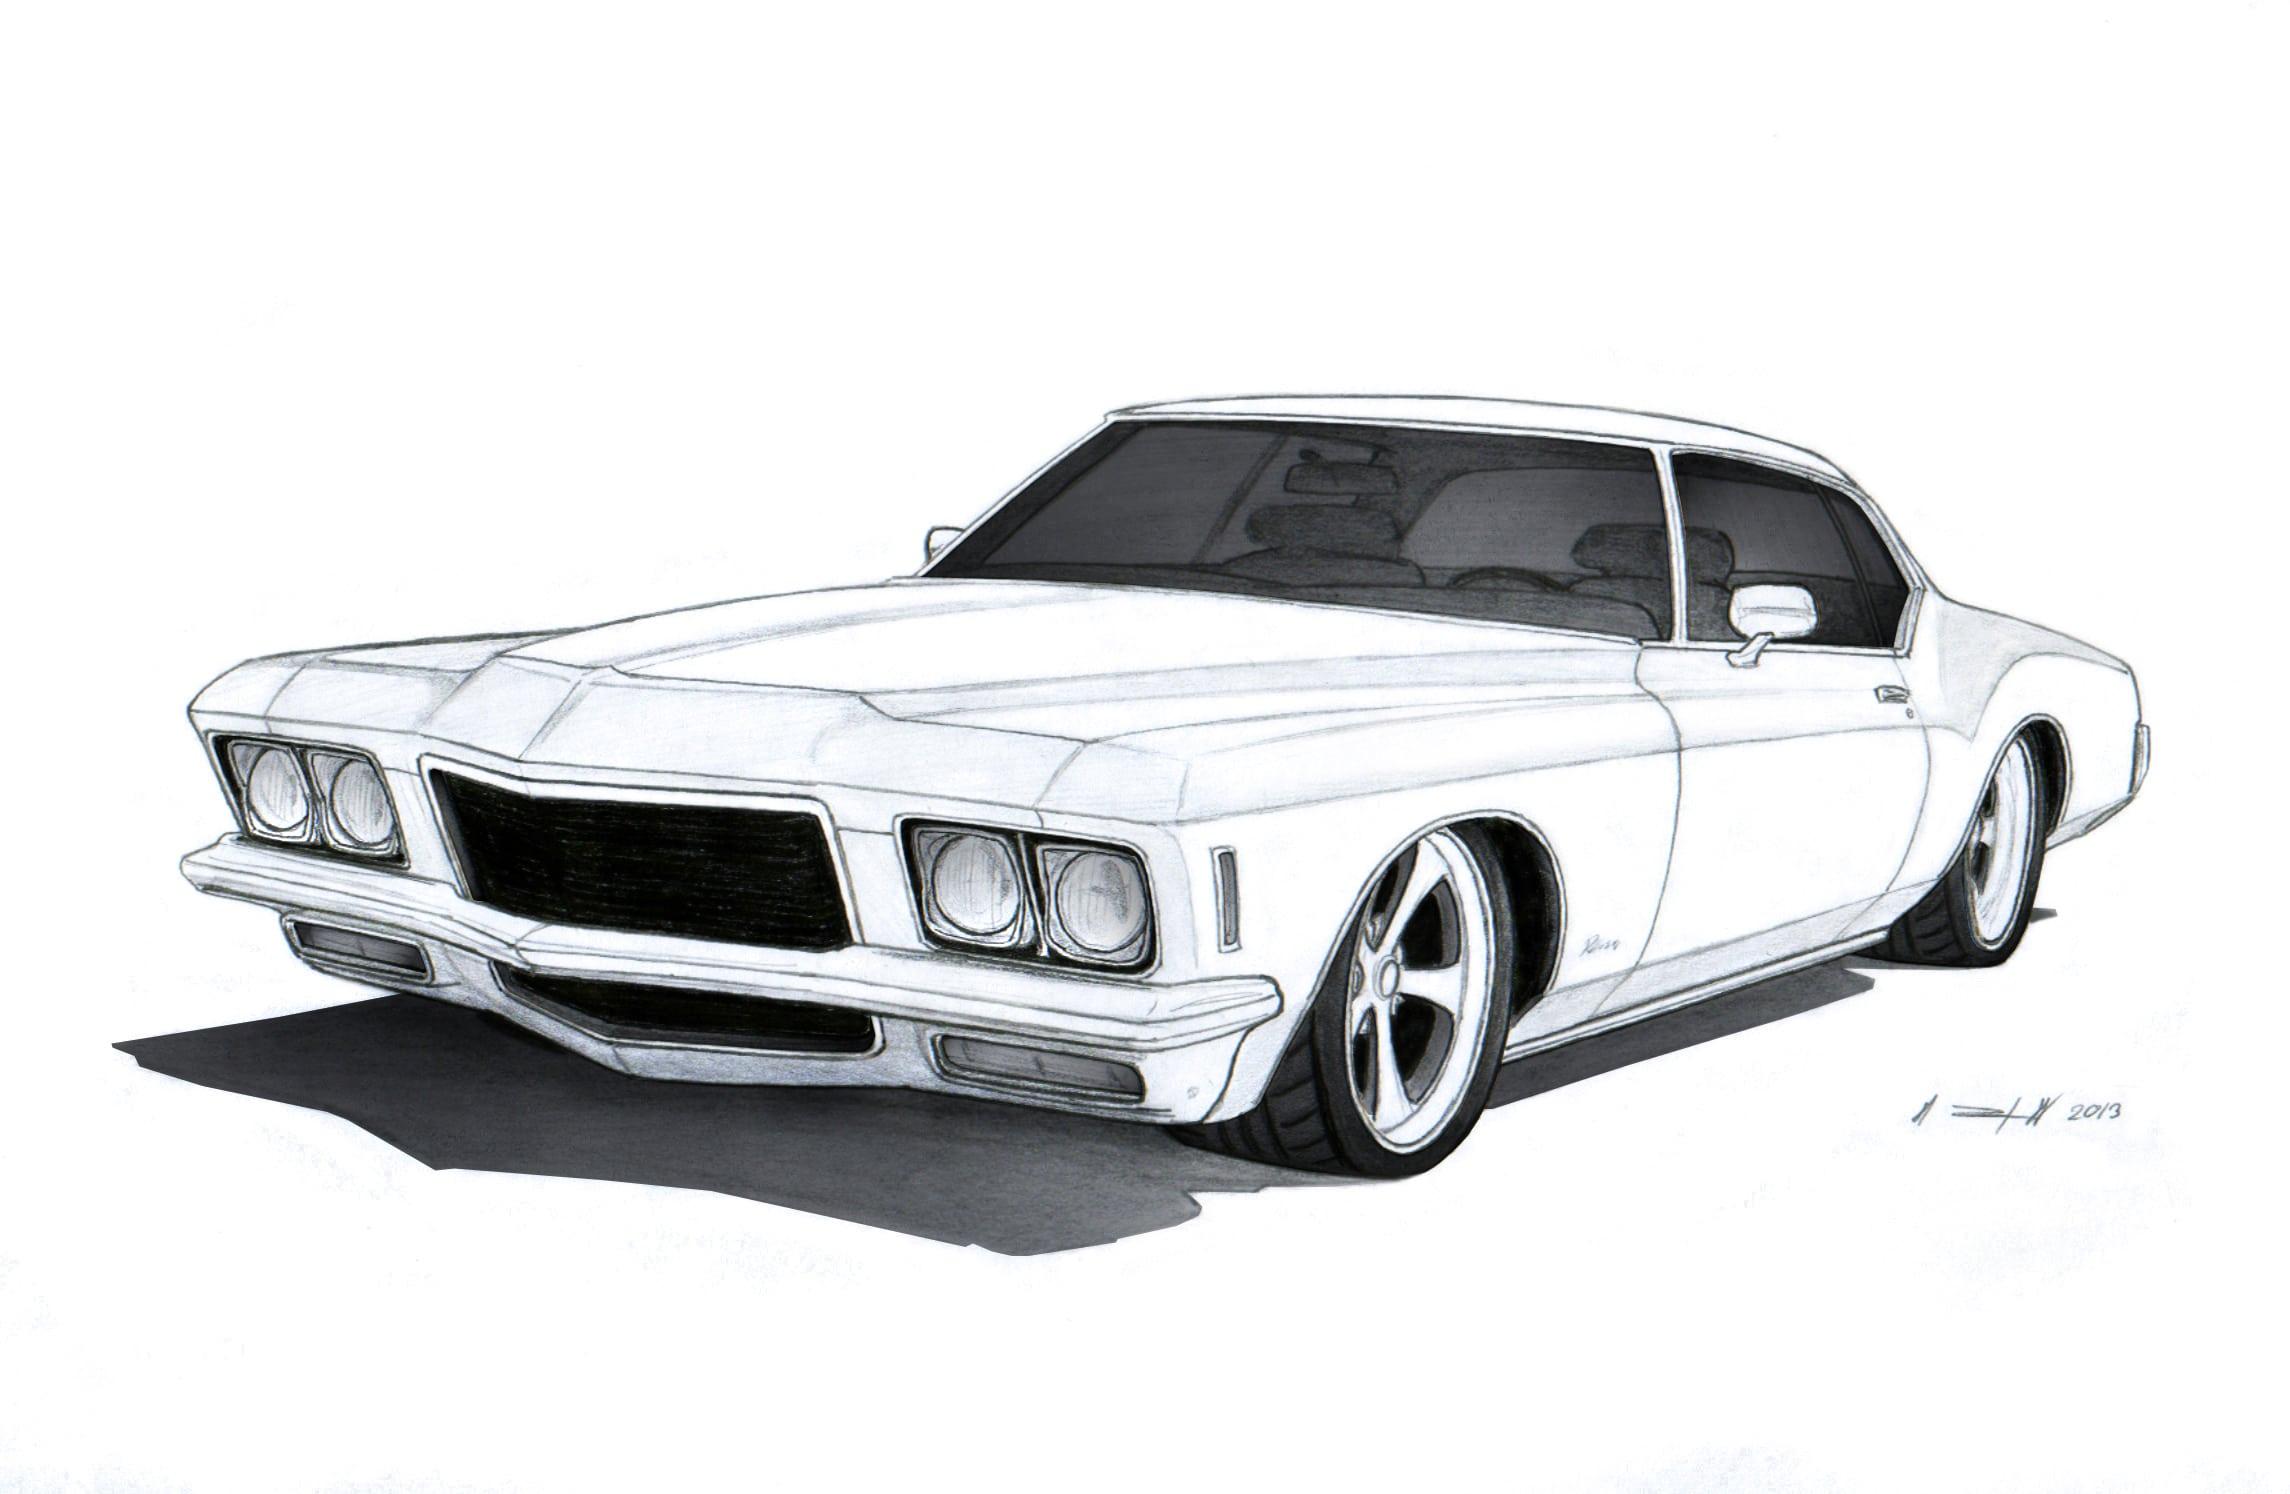 1971 Buick Riviera Free